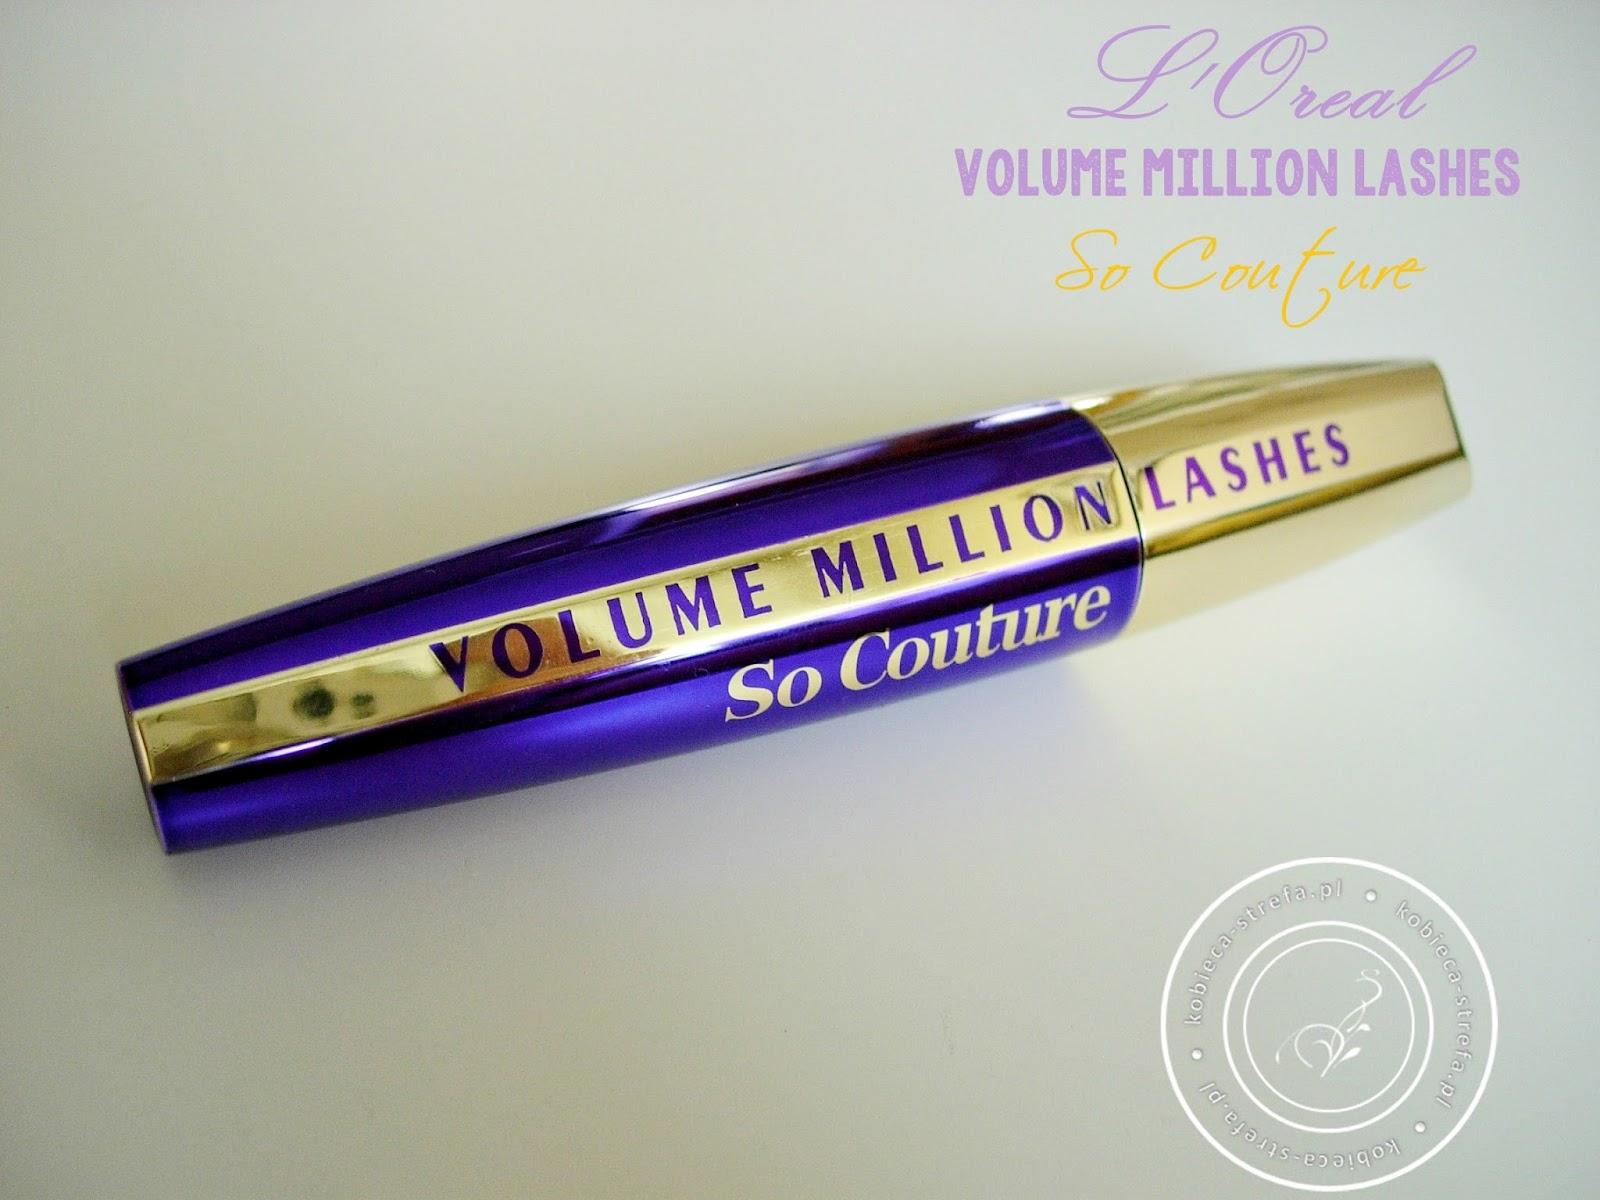 Twoje oczy zyskają elegancką oprawę i szykowny rys w najdrobniejszym szczególe dzięki innowacyjnej formule Volume Million Lashes So Couture - L'Oreal Paris